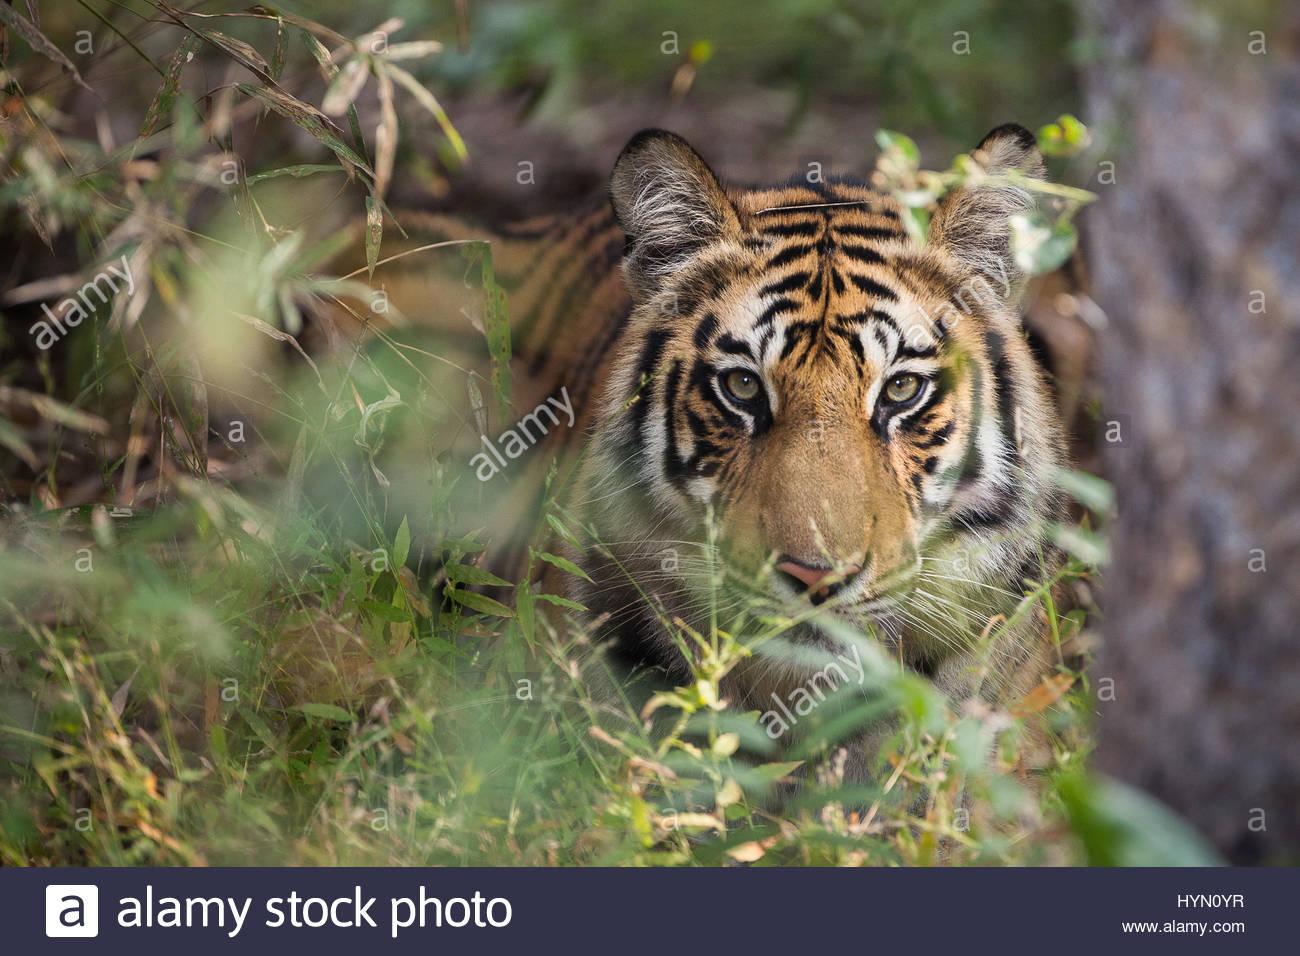 Un año de tigre de Bengala, Panthera tigris tigris, escondidos en los bosques del Parque Nacional Bandhavgarh. Imagen De Stock